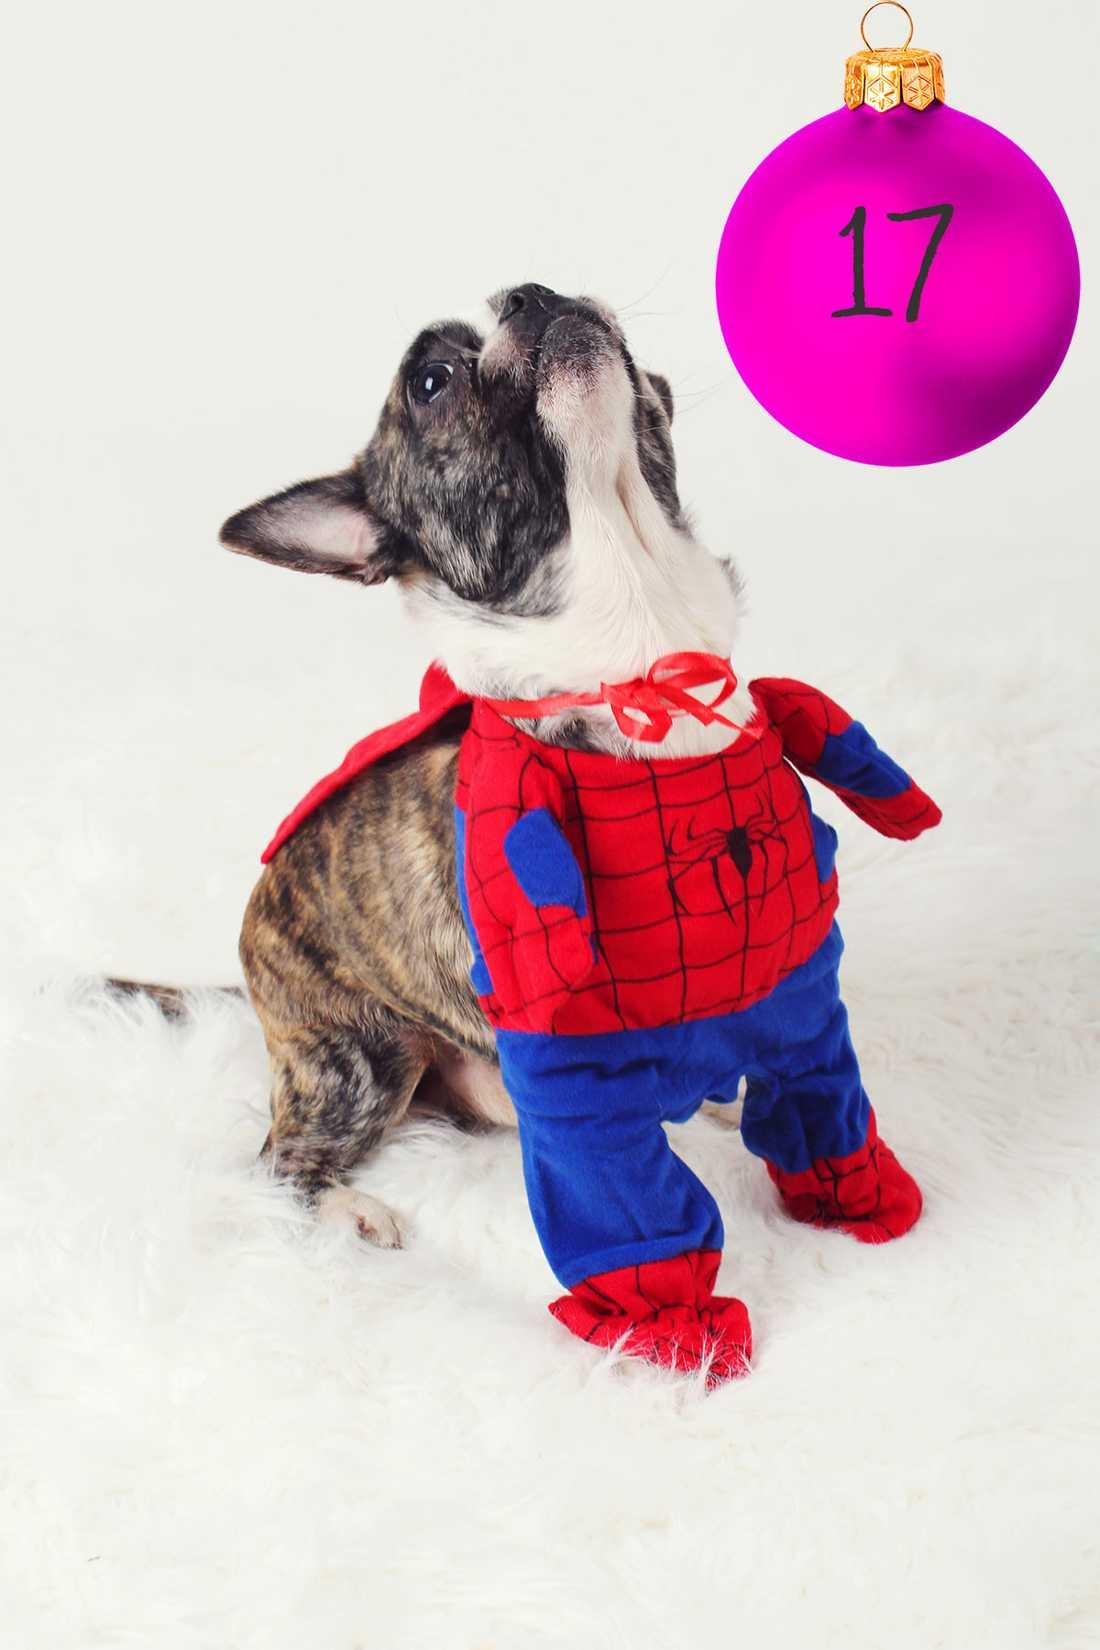 Kristinas tips: Gör Spiderman till familjefar Ge julklappar med nya möjligheter till barnen, kusinerna eller grannen. Kanske ett kitt till Spiderman - hur ser Spidermans barnvagn ut? Vilken mat äter Spidermanbarnen och vilket halsband väljer Spiderman till julfesten?